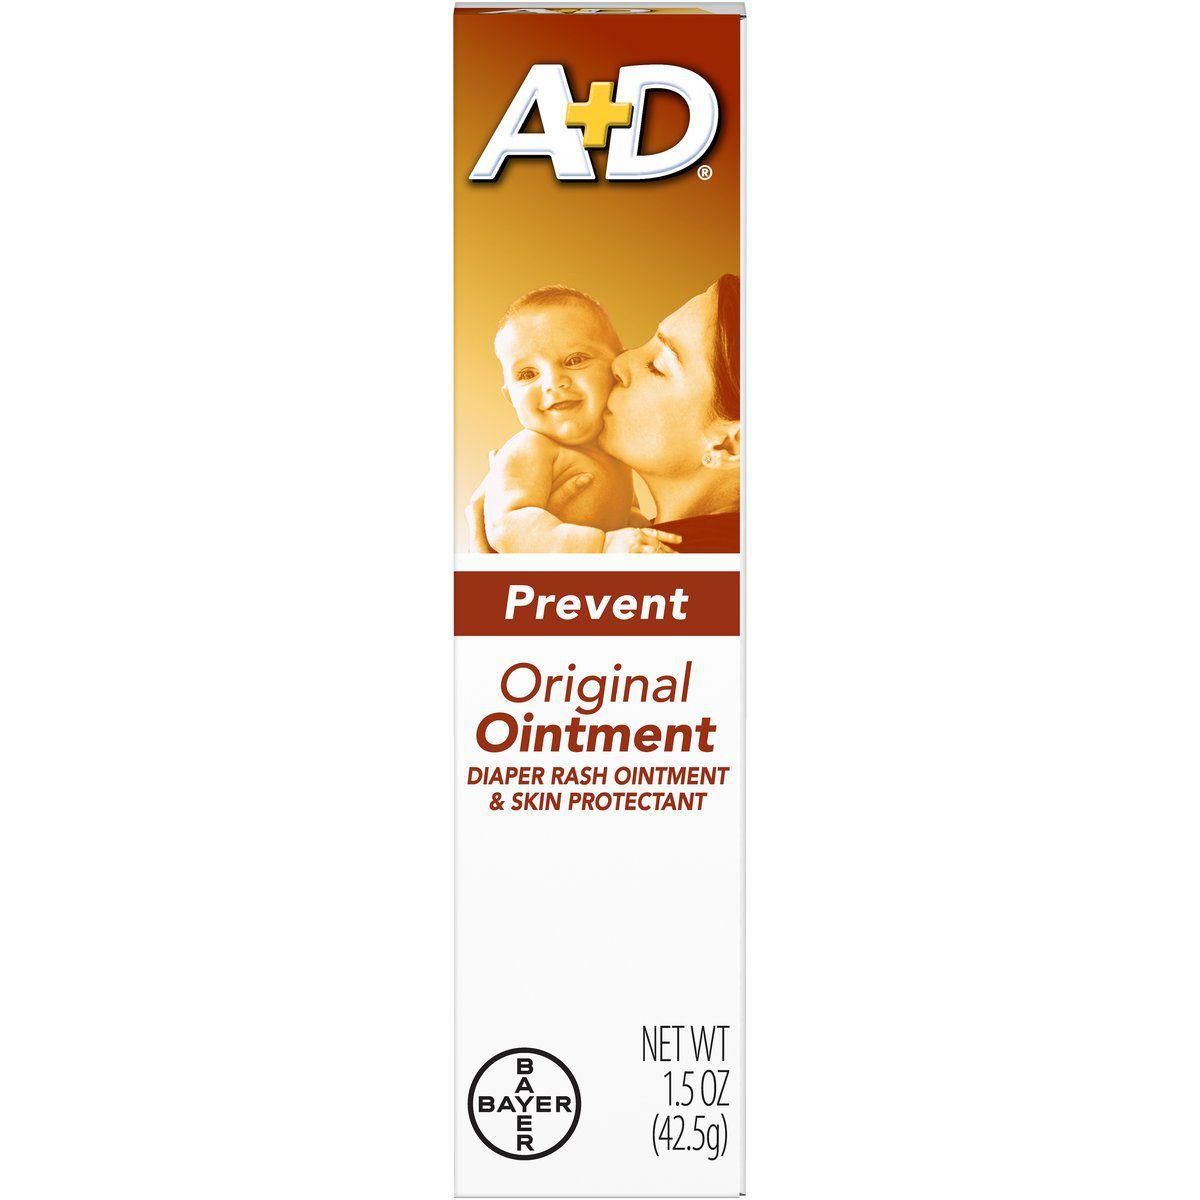 A+D Original Ointment Pomada para Assadura - TUBO 42,5 gramas